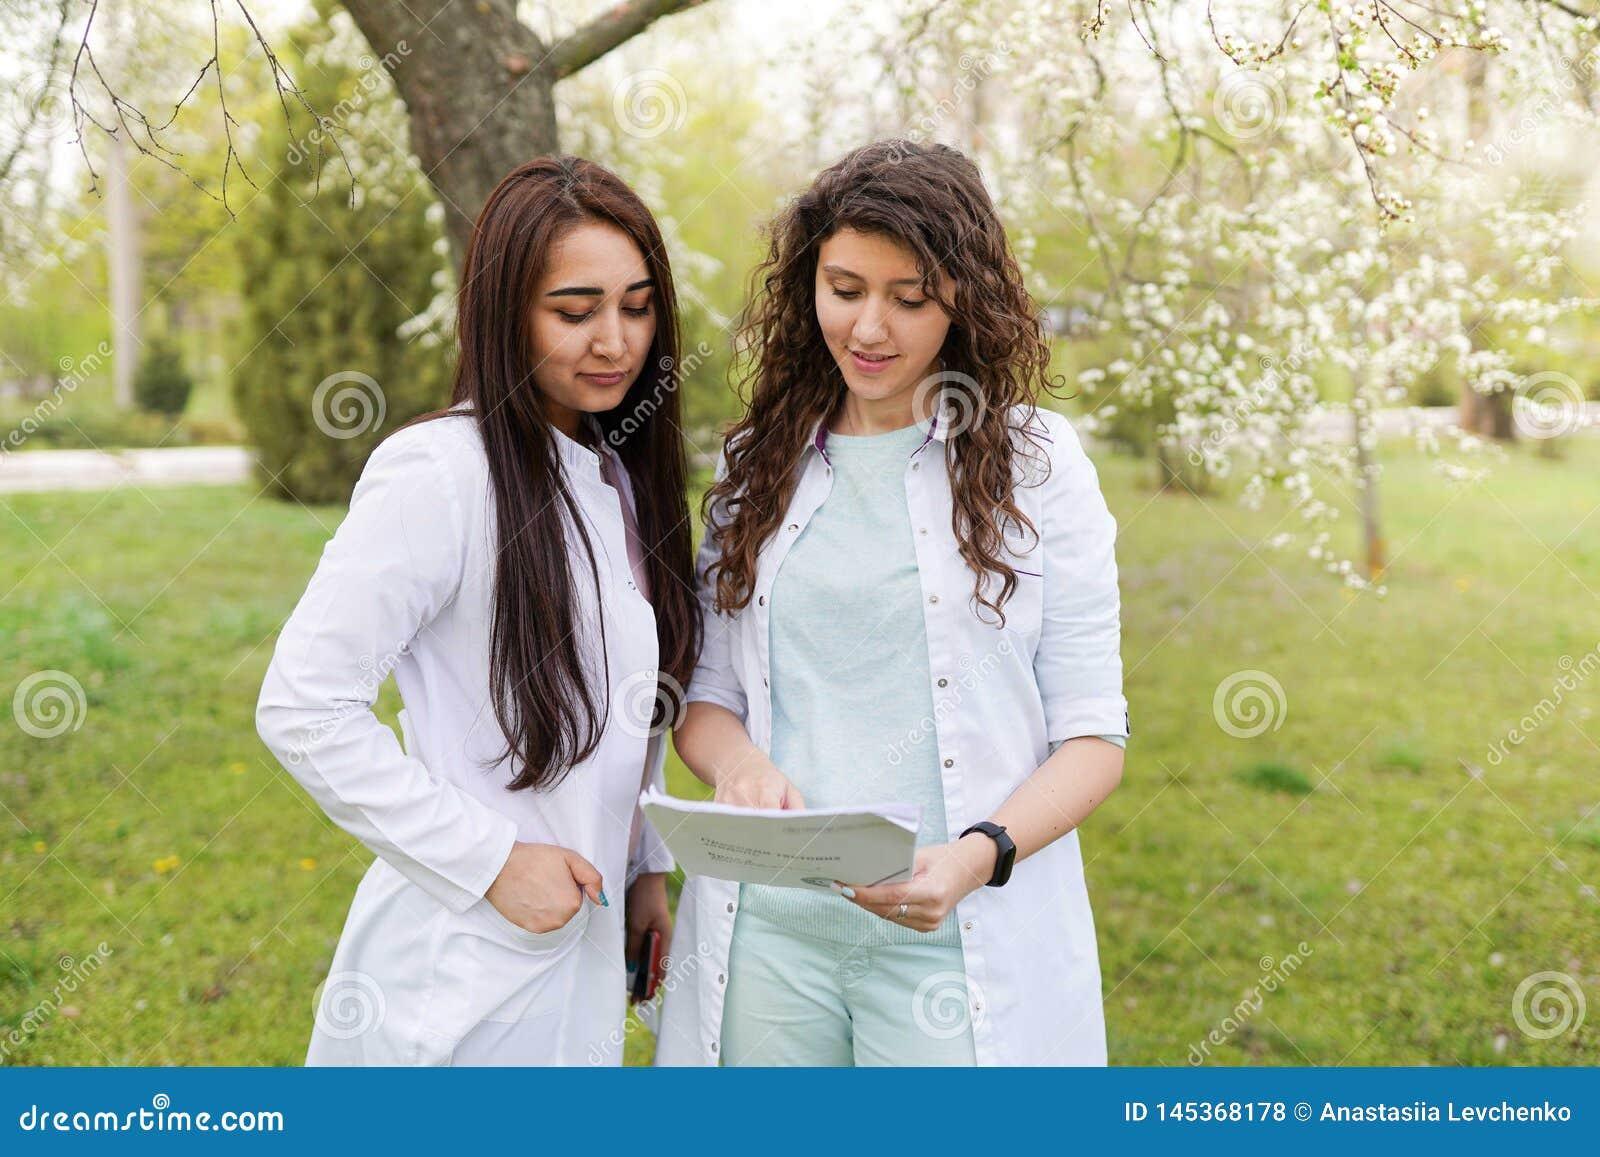 Vrouwelijke artsen in openlucht Medische achtergrond de studenten dichtbij het ziekenhuis in bloem tuinieren